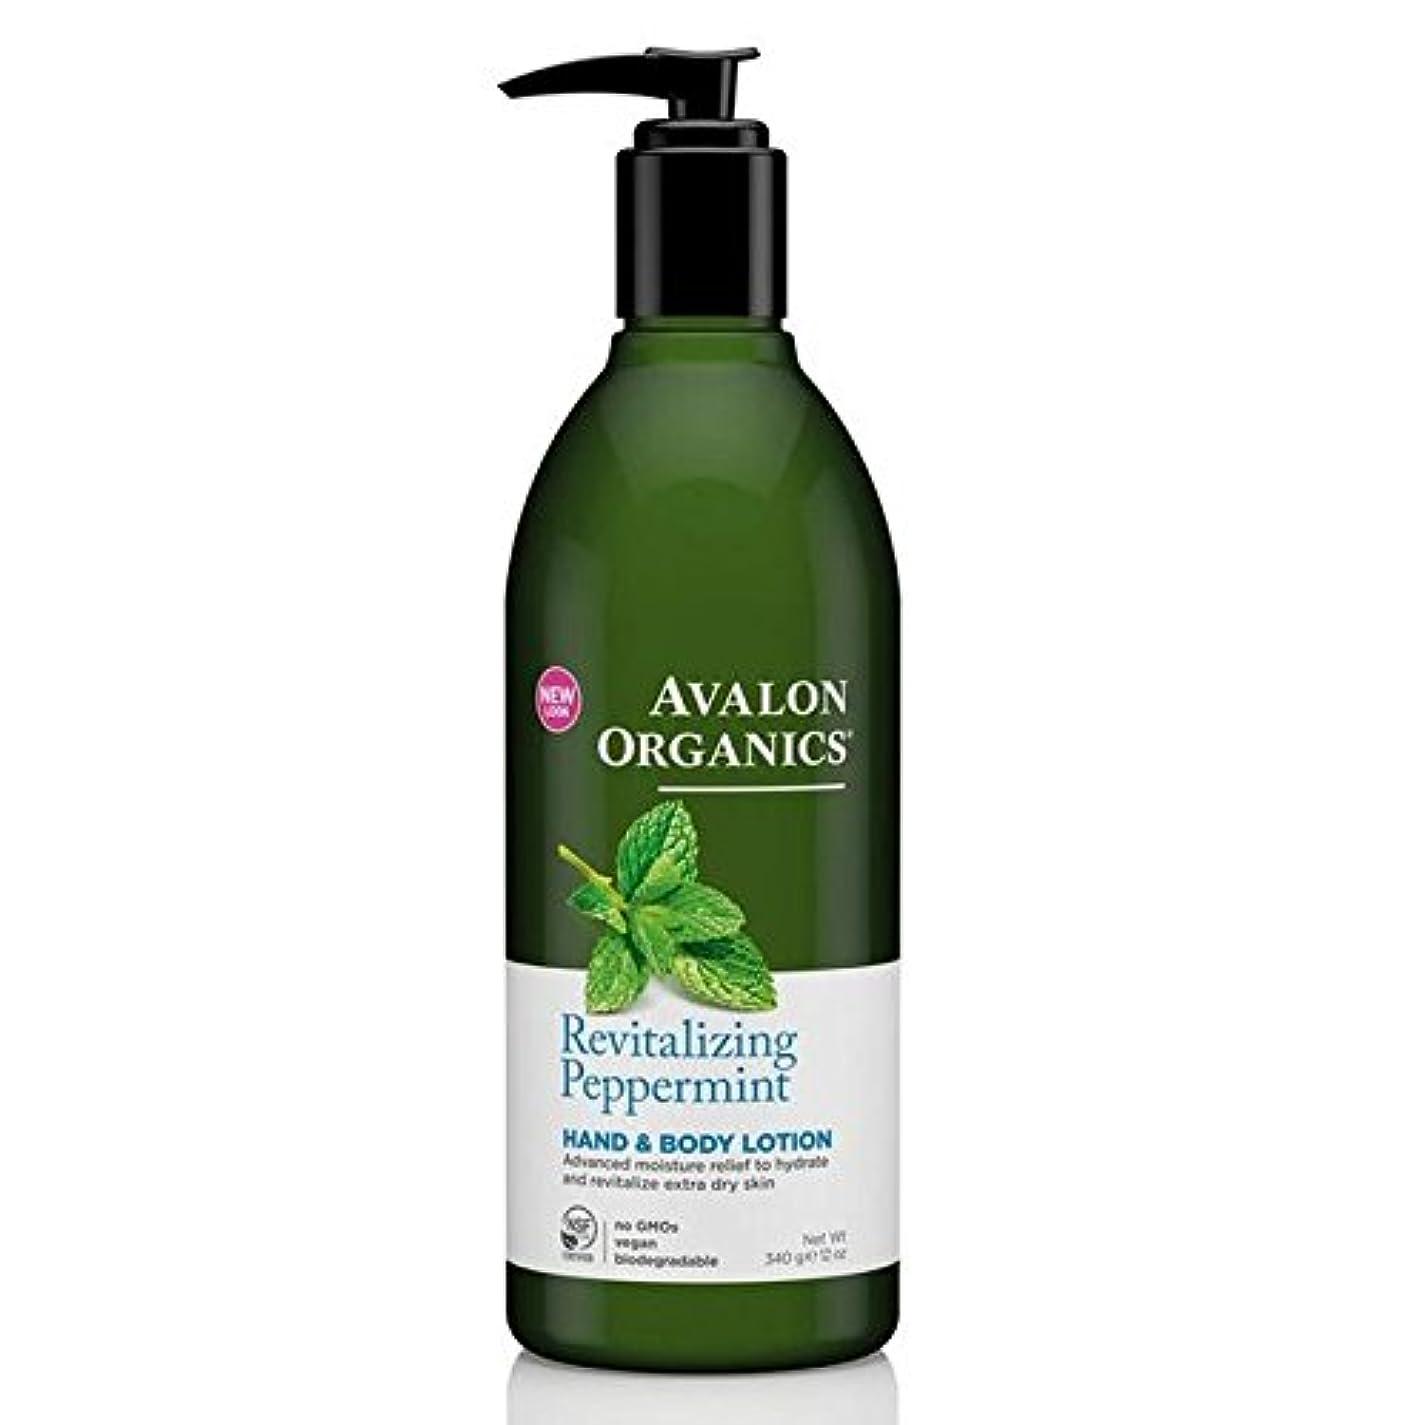 カプラー弱い残り物Avalon Peppermint Hand & Body Lotion 340g - (Avalon) ペパーミントハンド&ボディローション340グラム [並行輸入品]